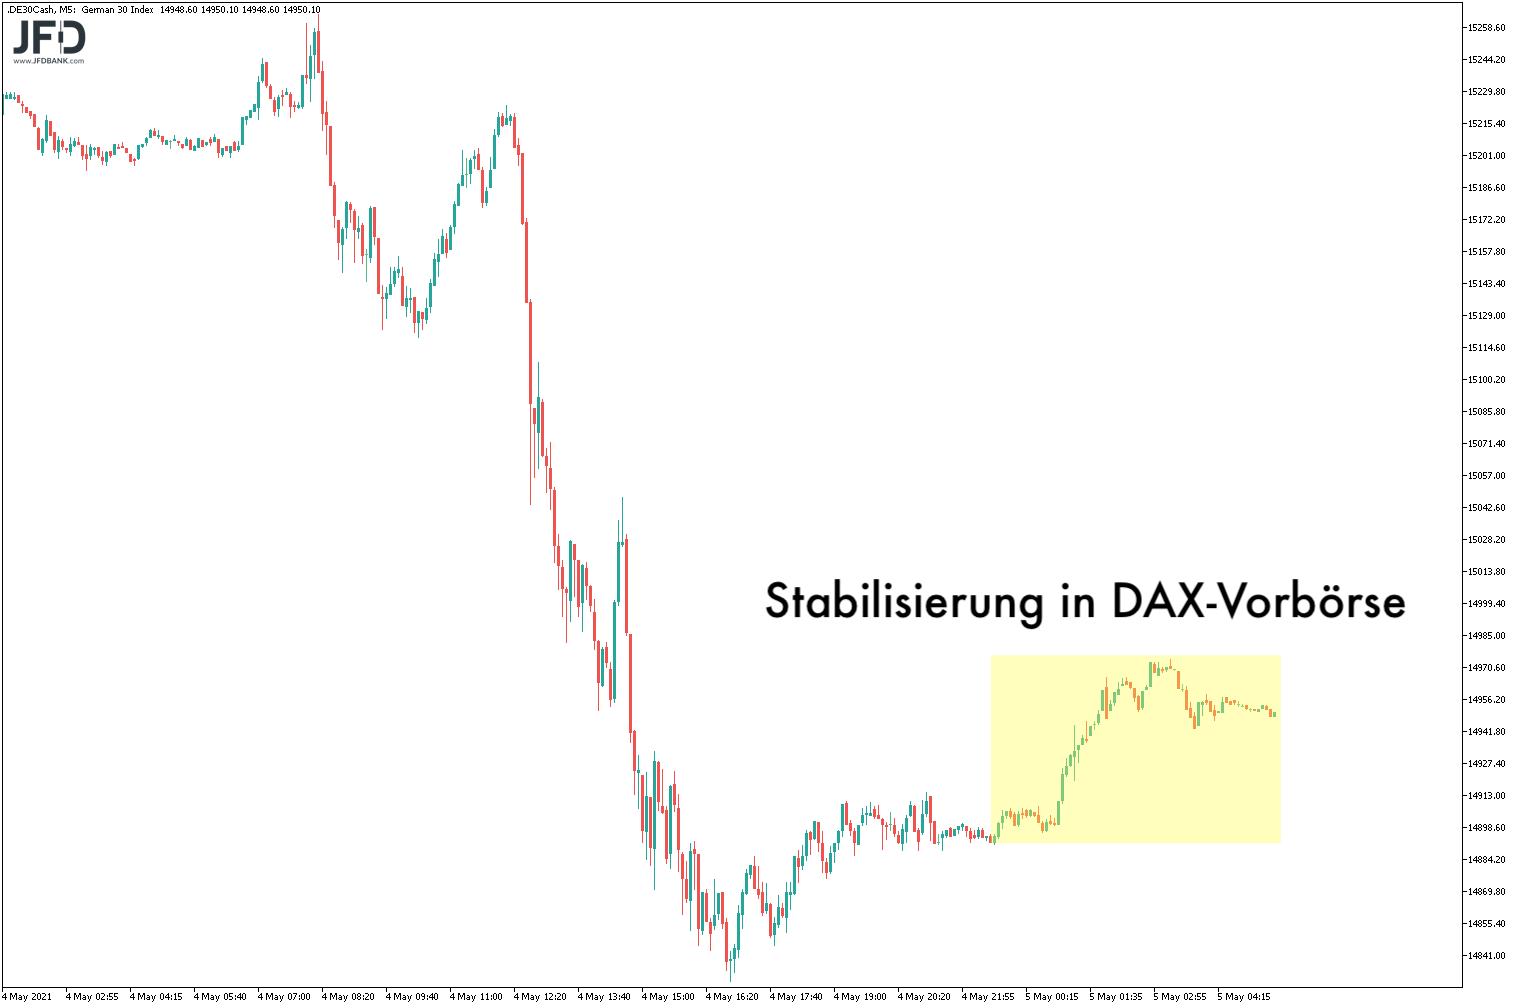 DAX-Vorbörse am 05.05.2021